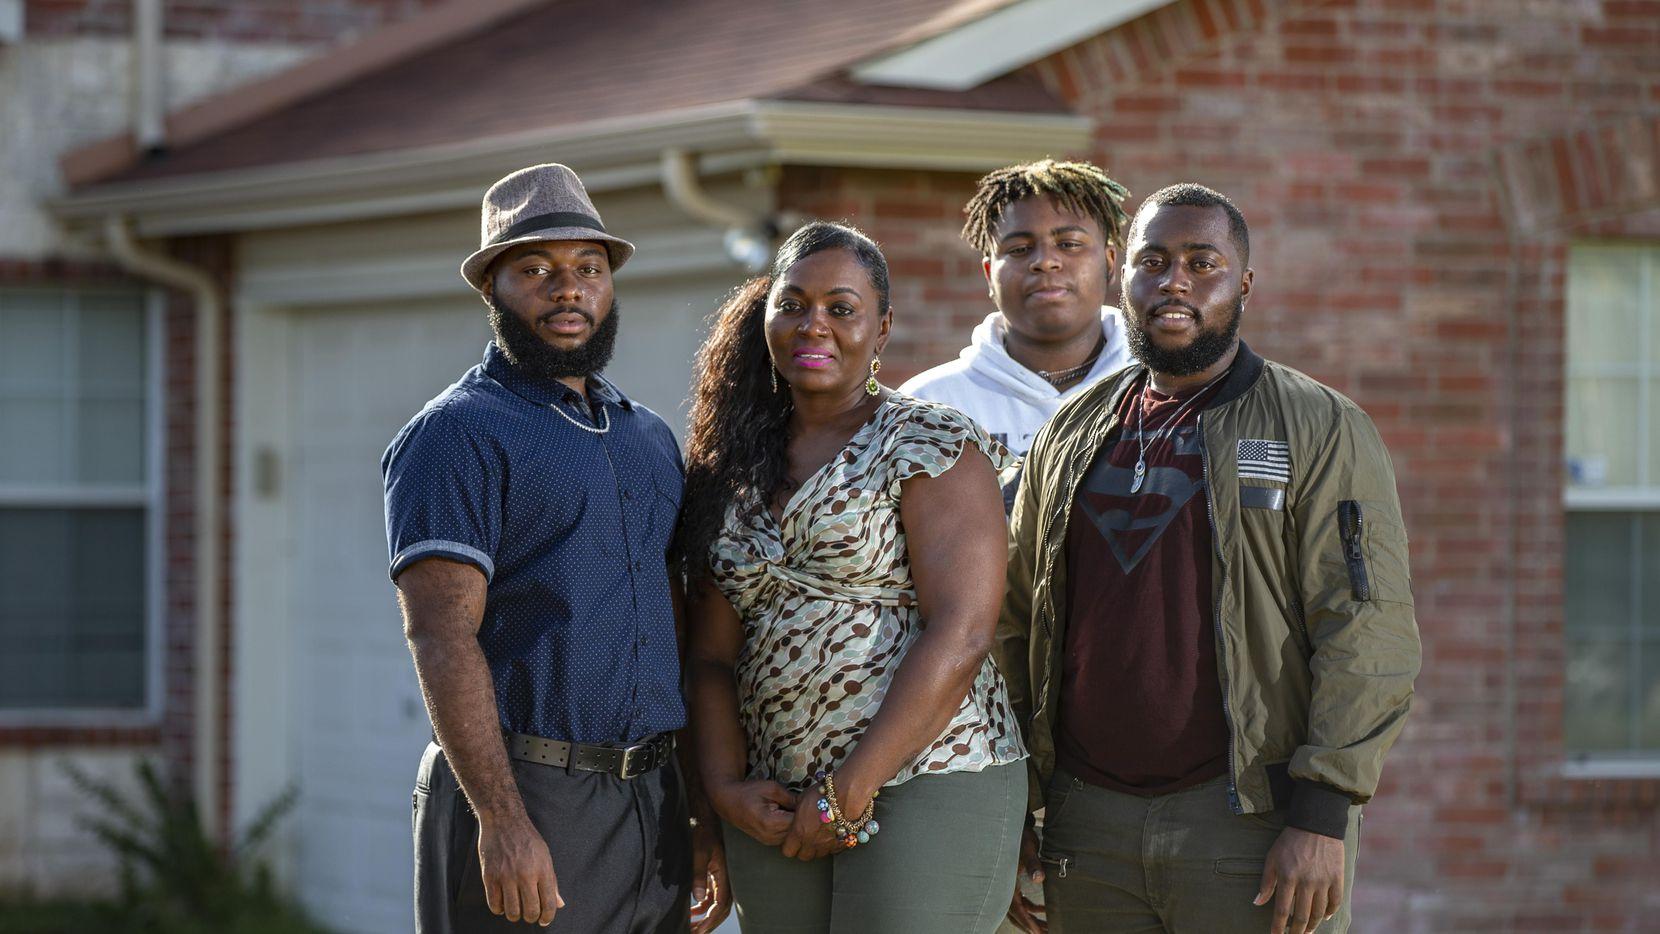 Sammi Anderson (segunda desde la izq.) junto a sus hijos Samuel Bible (izq.), Tyrone Anderson y Grant Bible, desde su casa en DeSoto. La familia denunció brutalidad policial luego de un incidente en agosto en la que intervino la policía de DeSoto.  BRANDON WADE/DMN